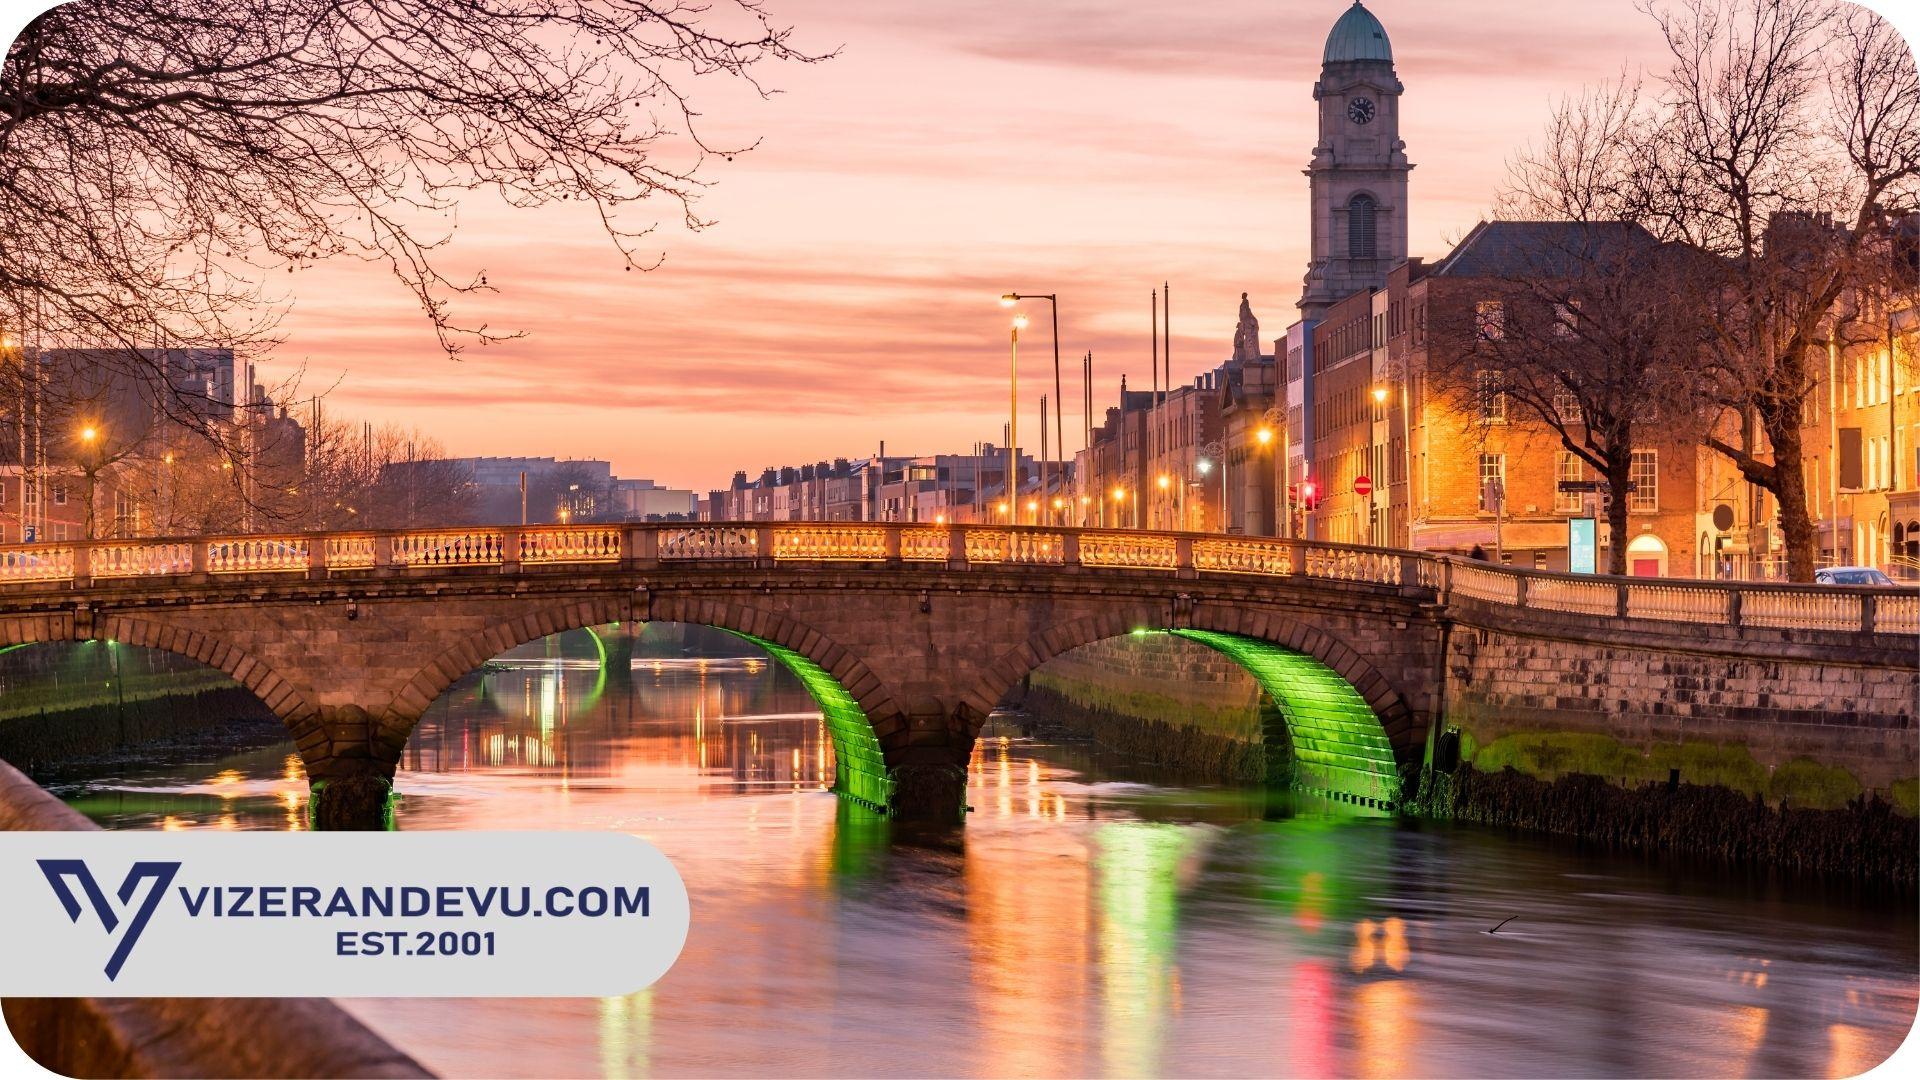 İrlanda Öğrenci Vizesi